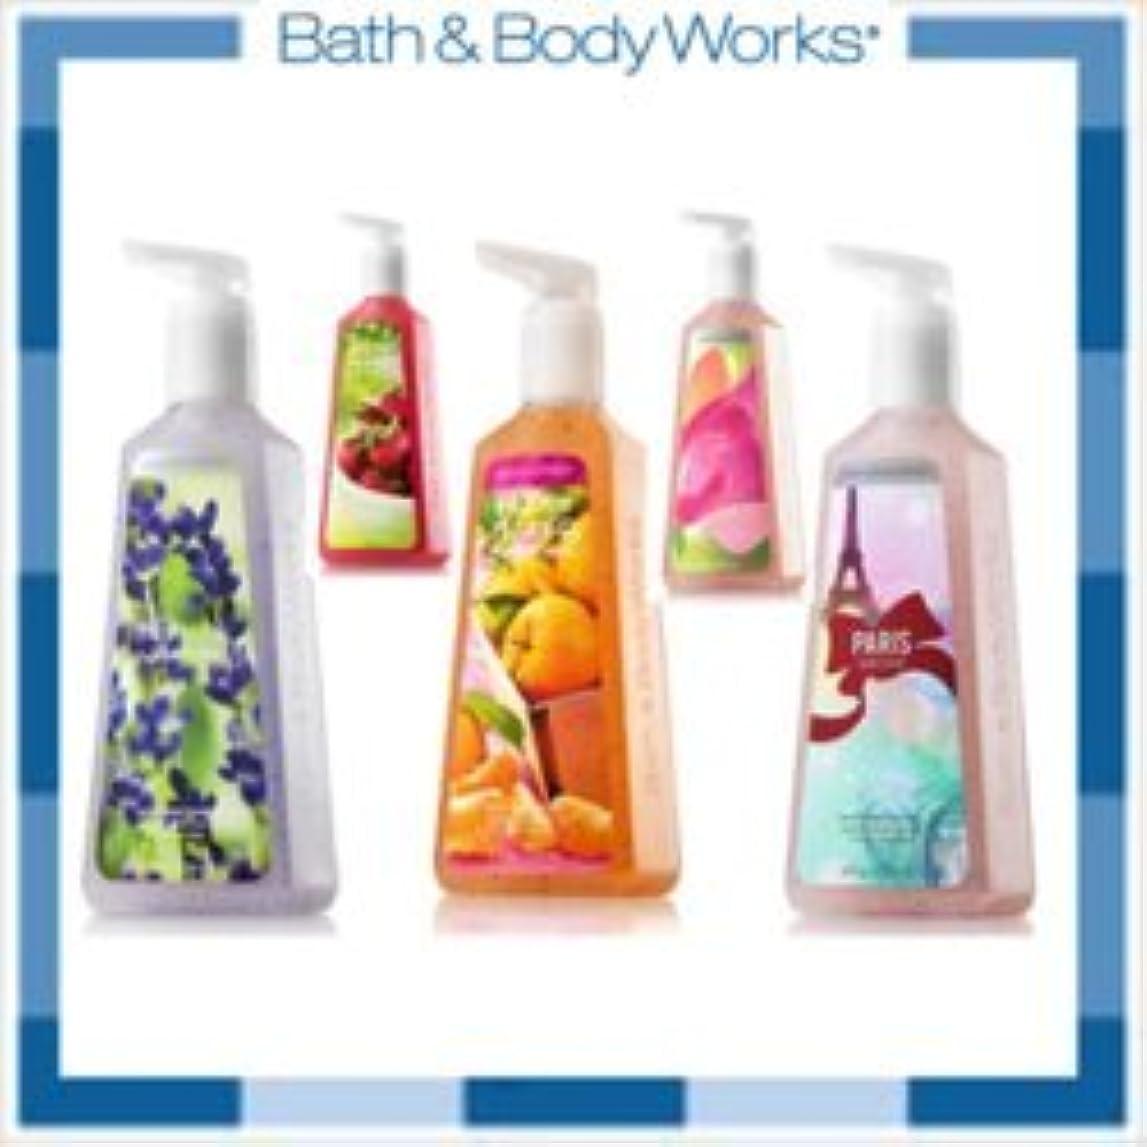 前文審判側Bath & Body Works ハンドソープ 8本詰め合わせセット (???????、??????????????or MIX) 【平行輸入品】 (ディープクレンジング  (8本))